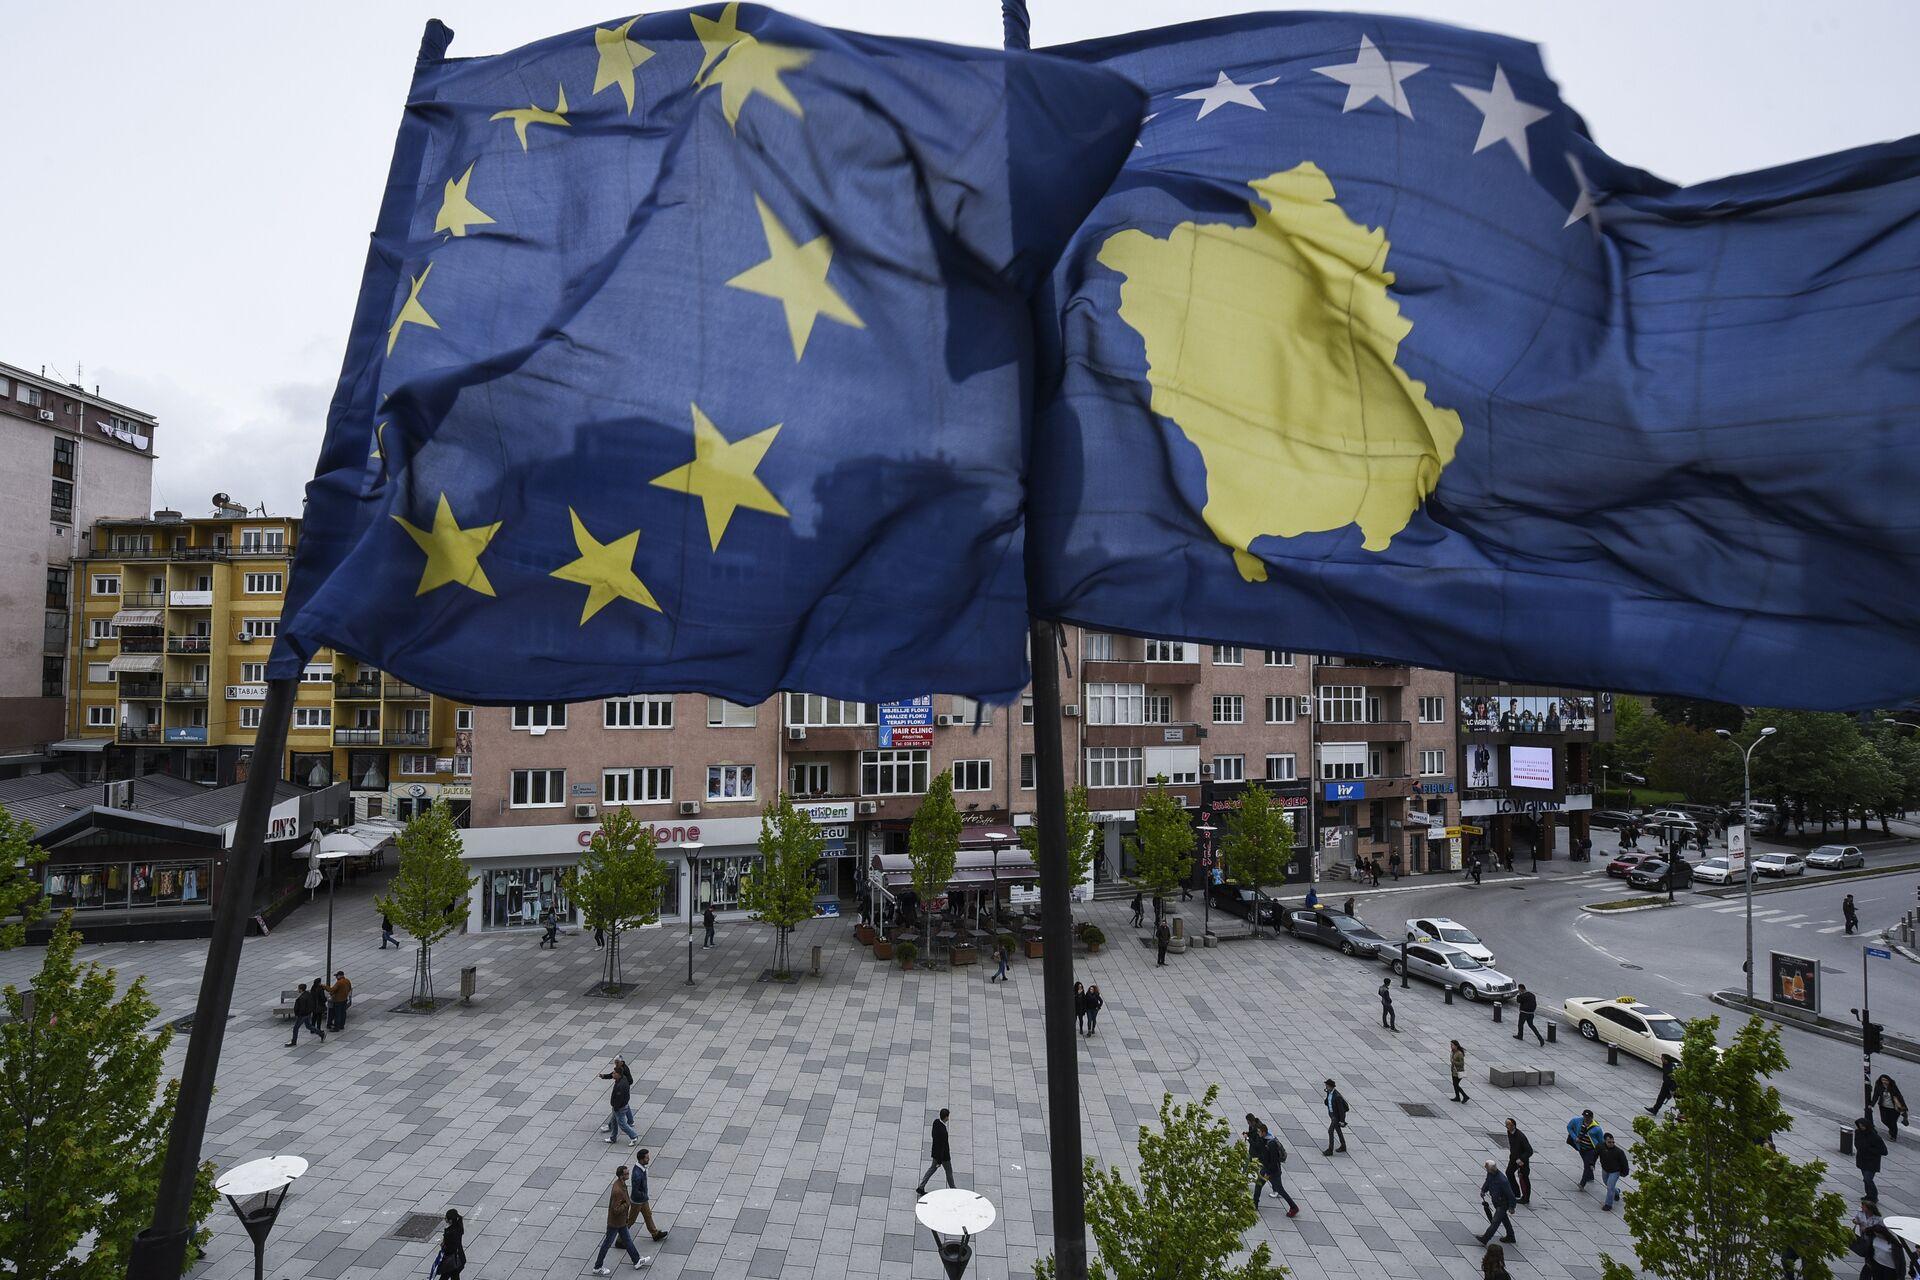 Косово није држава чак ни у виртуелном свету: Срби подижу своју заставу - Sputnik Србија, 1920, 29.03.2021